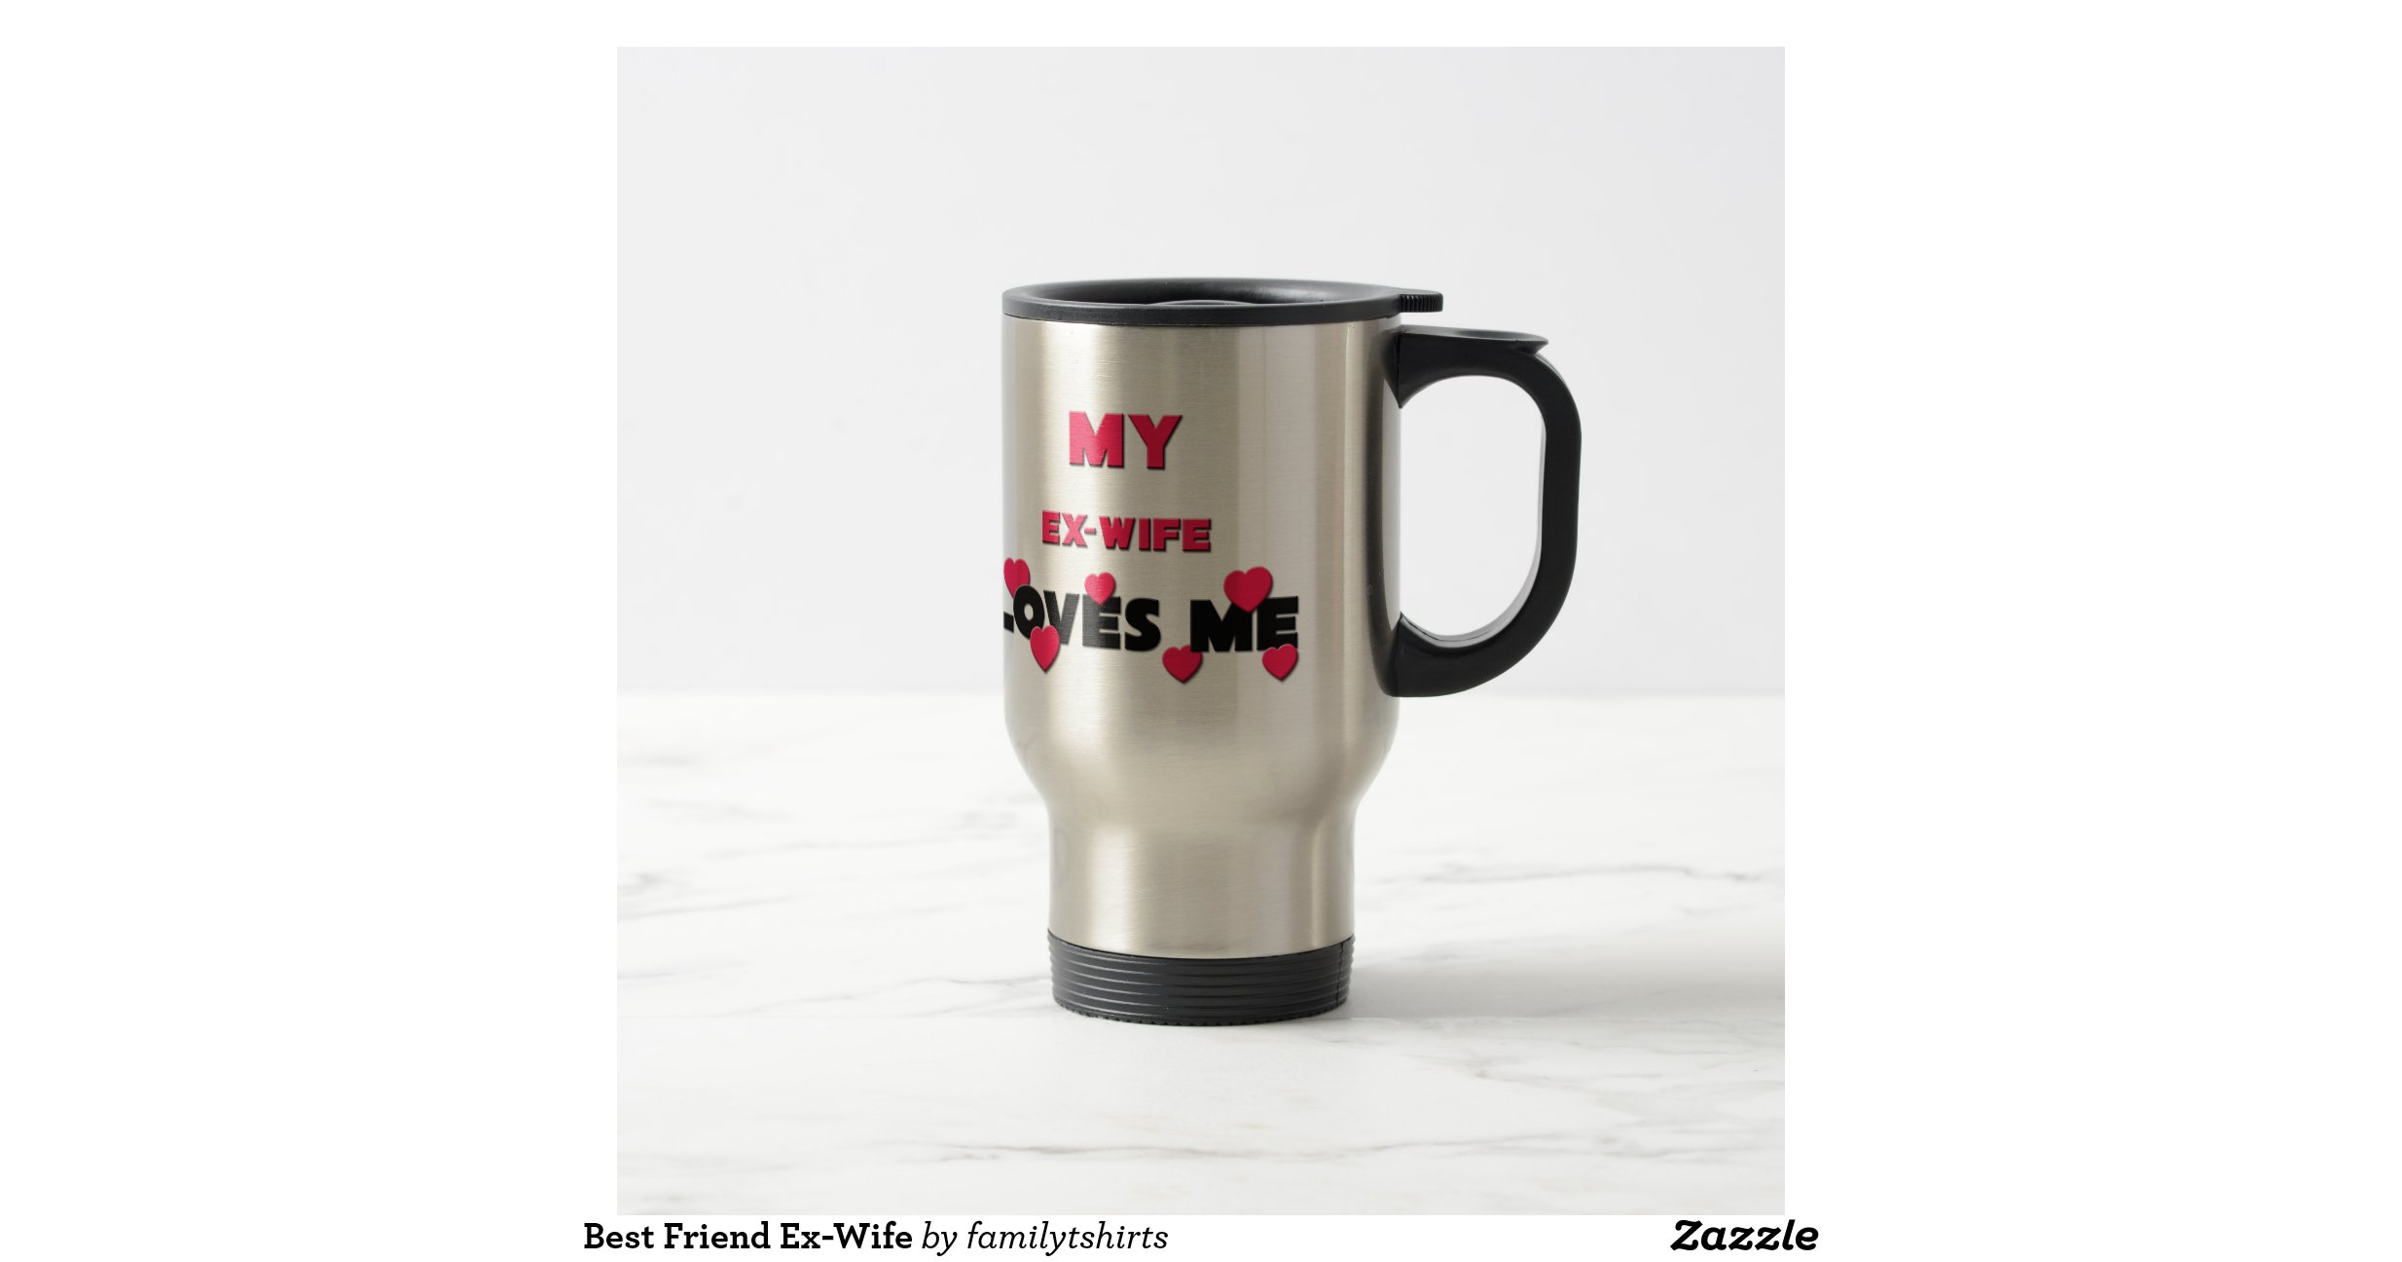 Best Travel Coffee Mug To Keep Coffee Hot